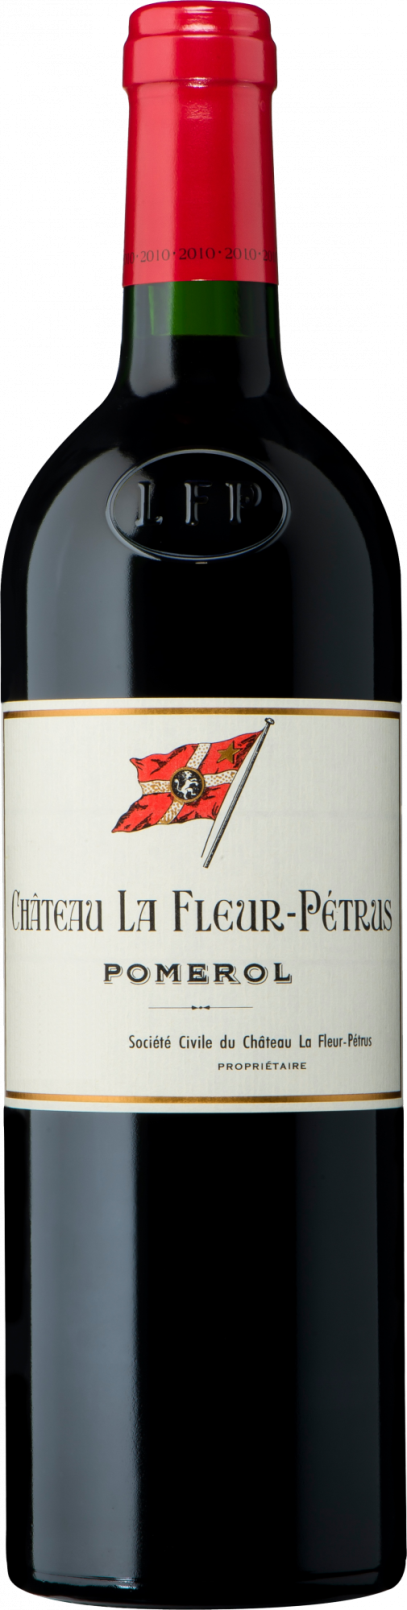 Chateau La Fleur Petrus 1969, Pomerol